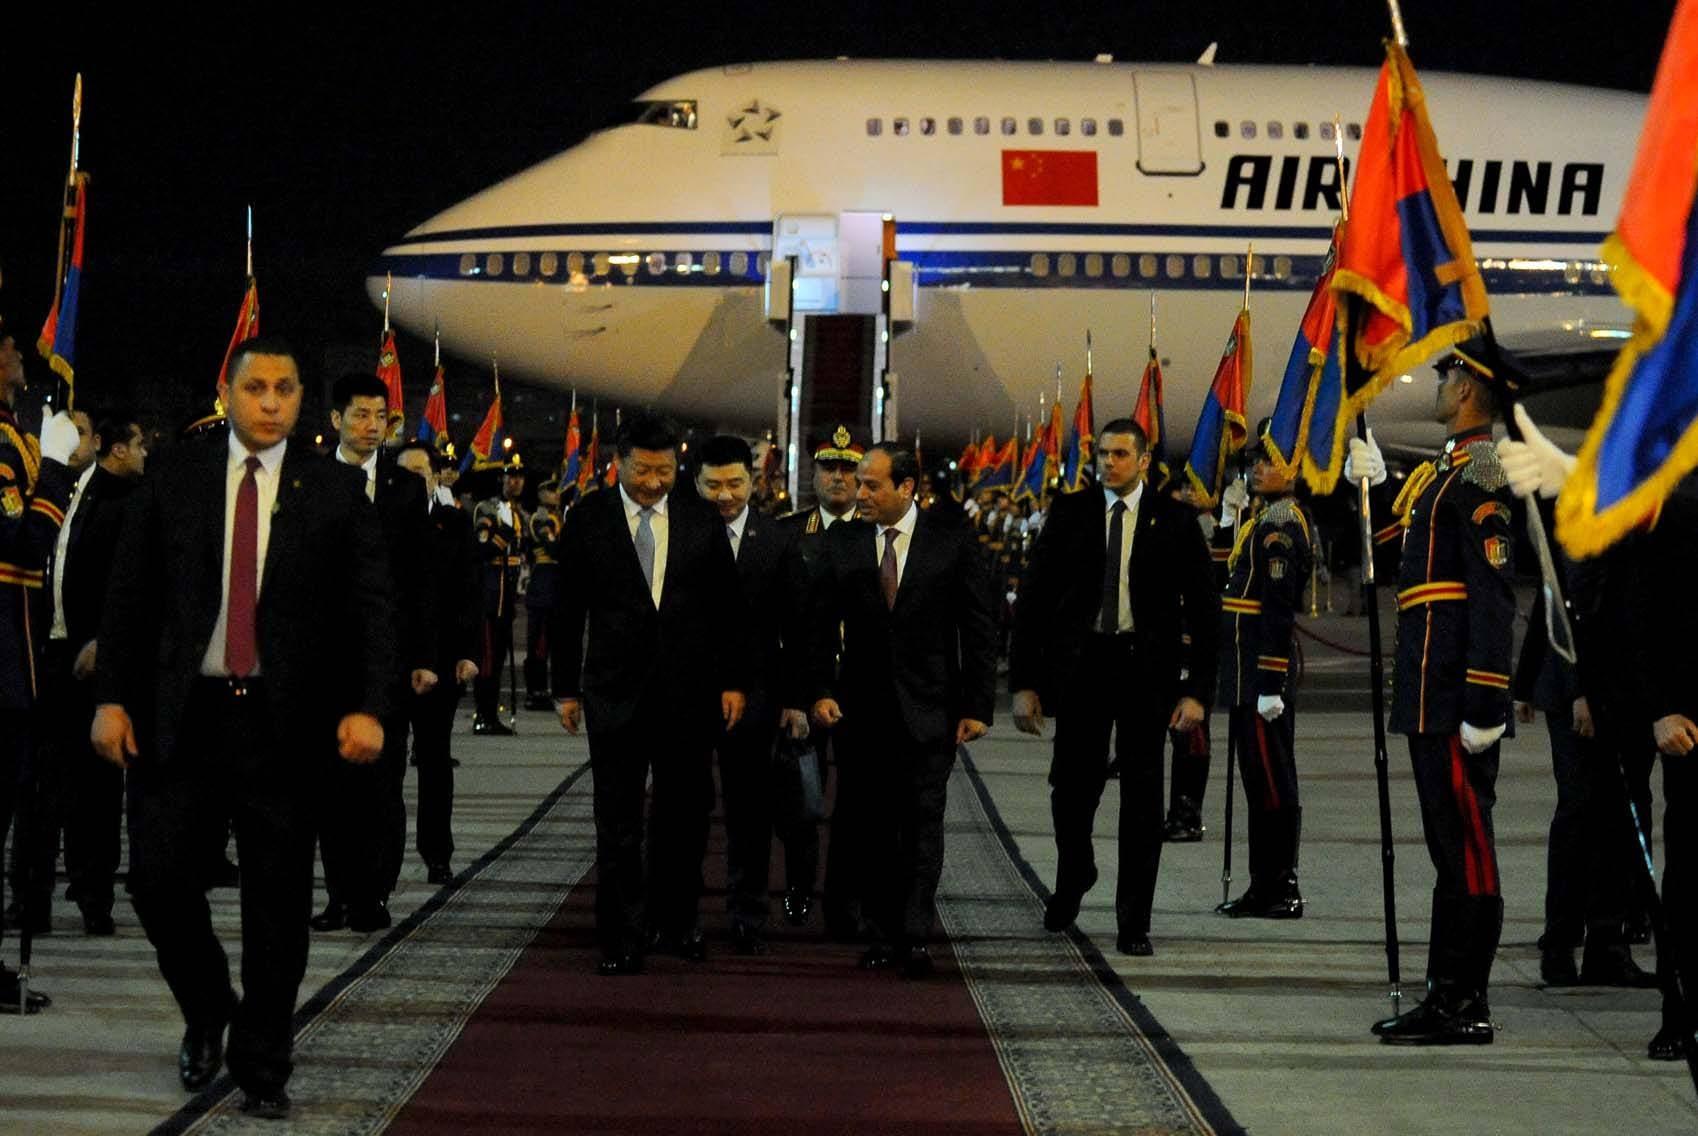 الرئيس السيسي خلال استقباله الرئيس الصيني لدى وصوله القاهرة